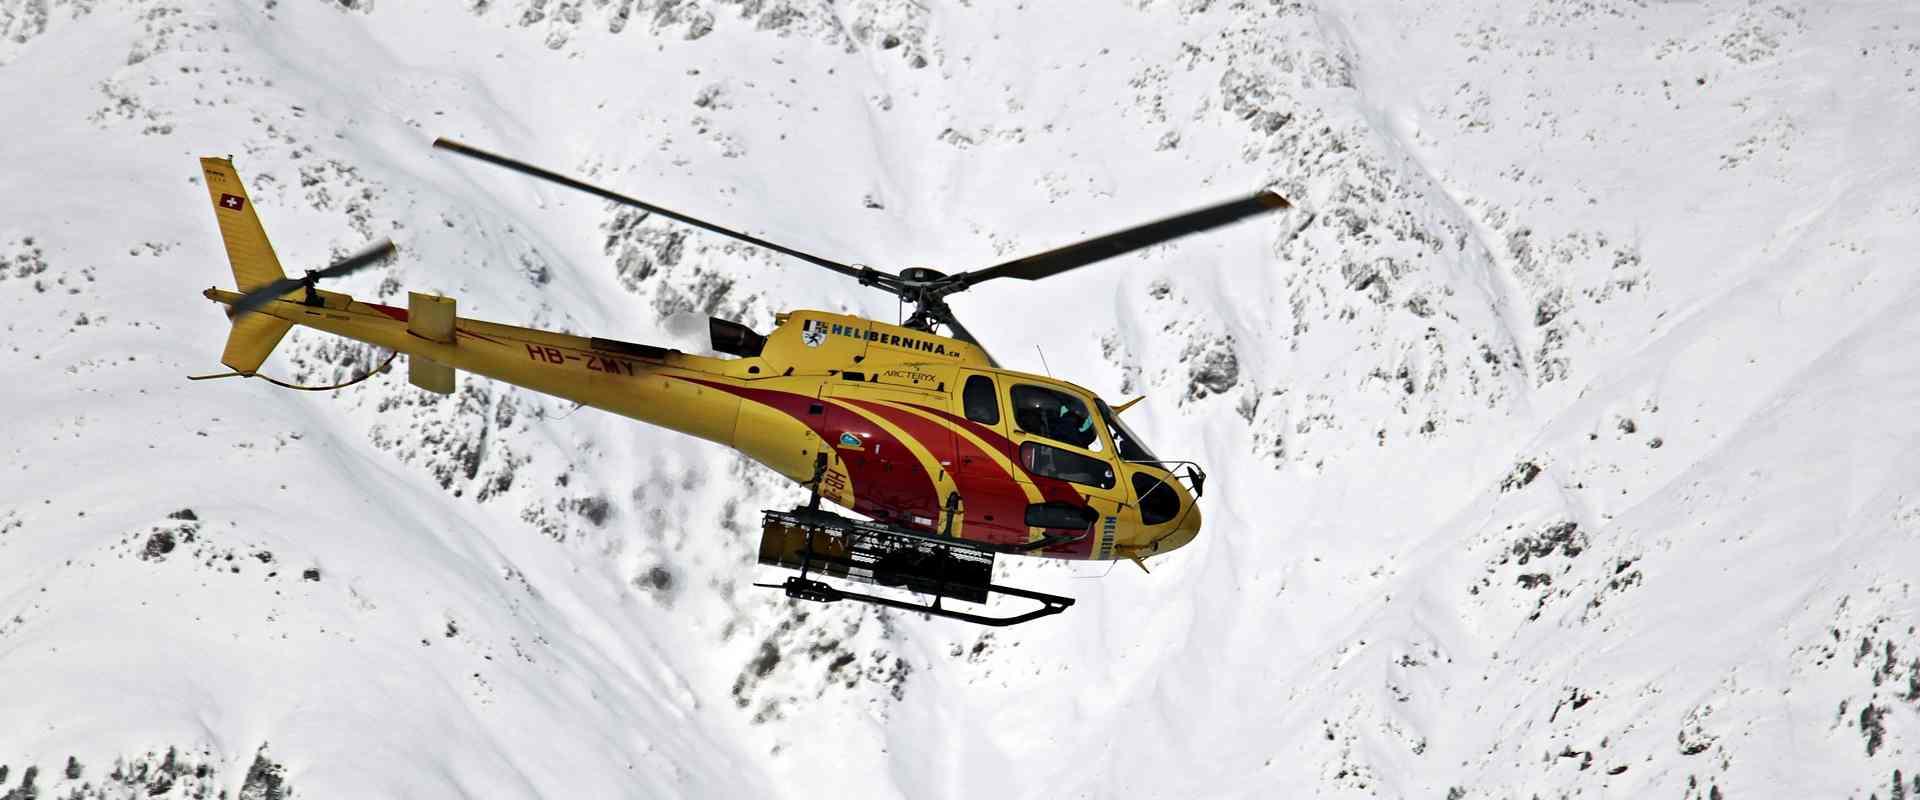 Heliski à Avoriaz : expérience insolite en ski hors piste